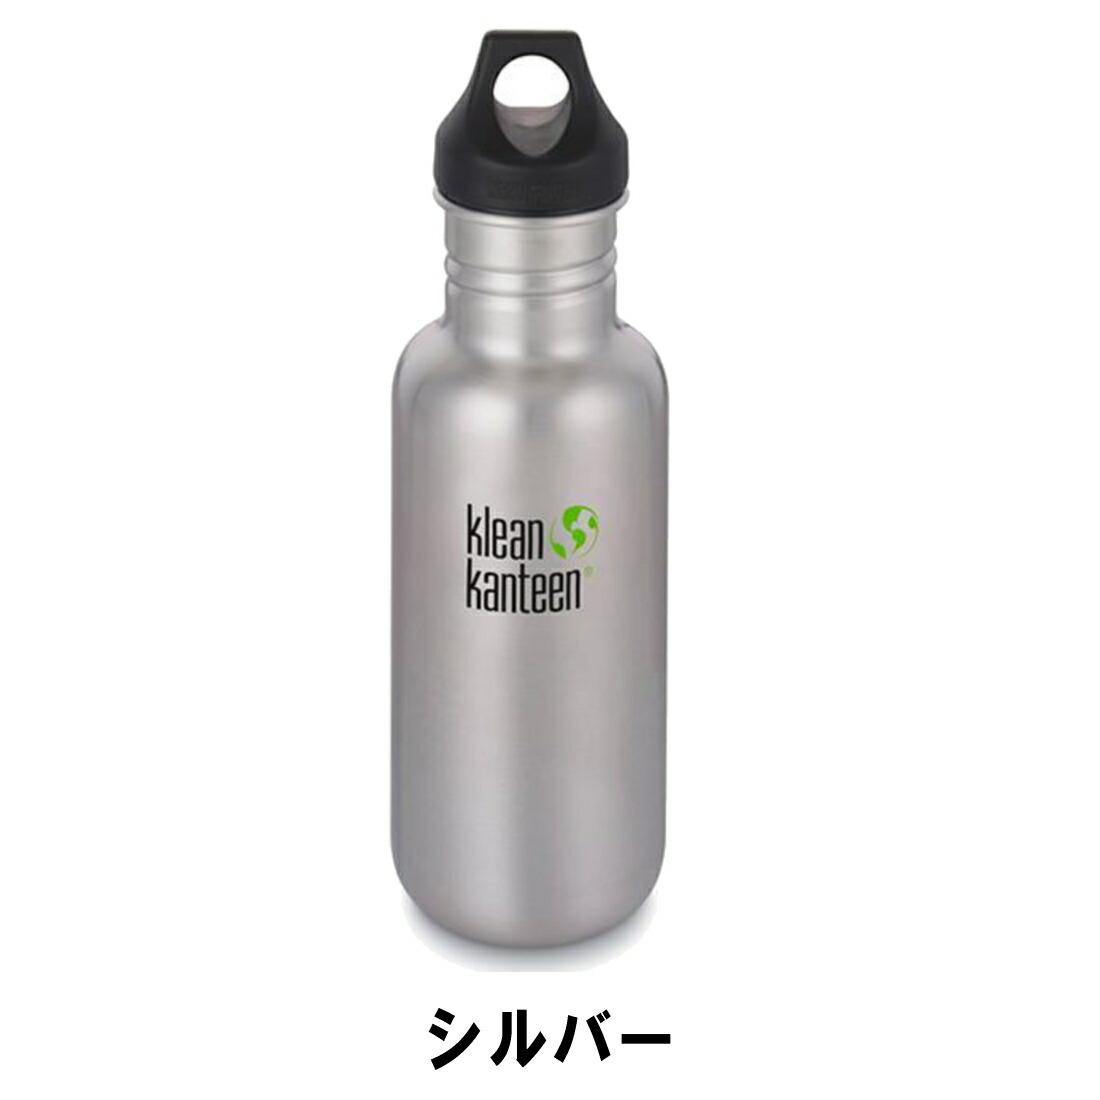 クリーンカンティーン クラシックボトル 18oz ボトル シングルウォール  国内正規品